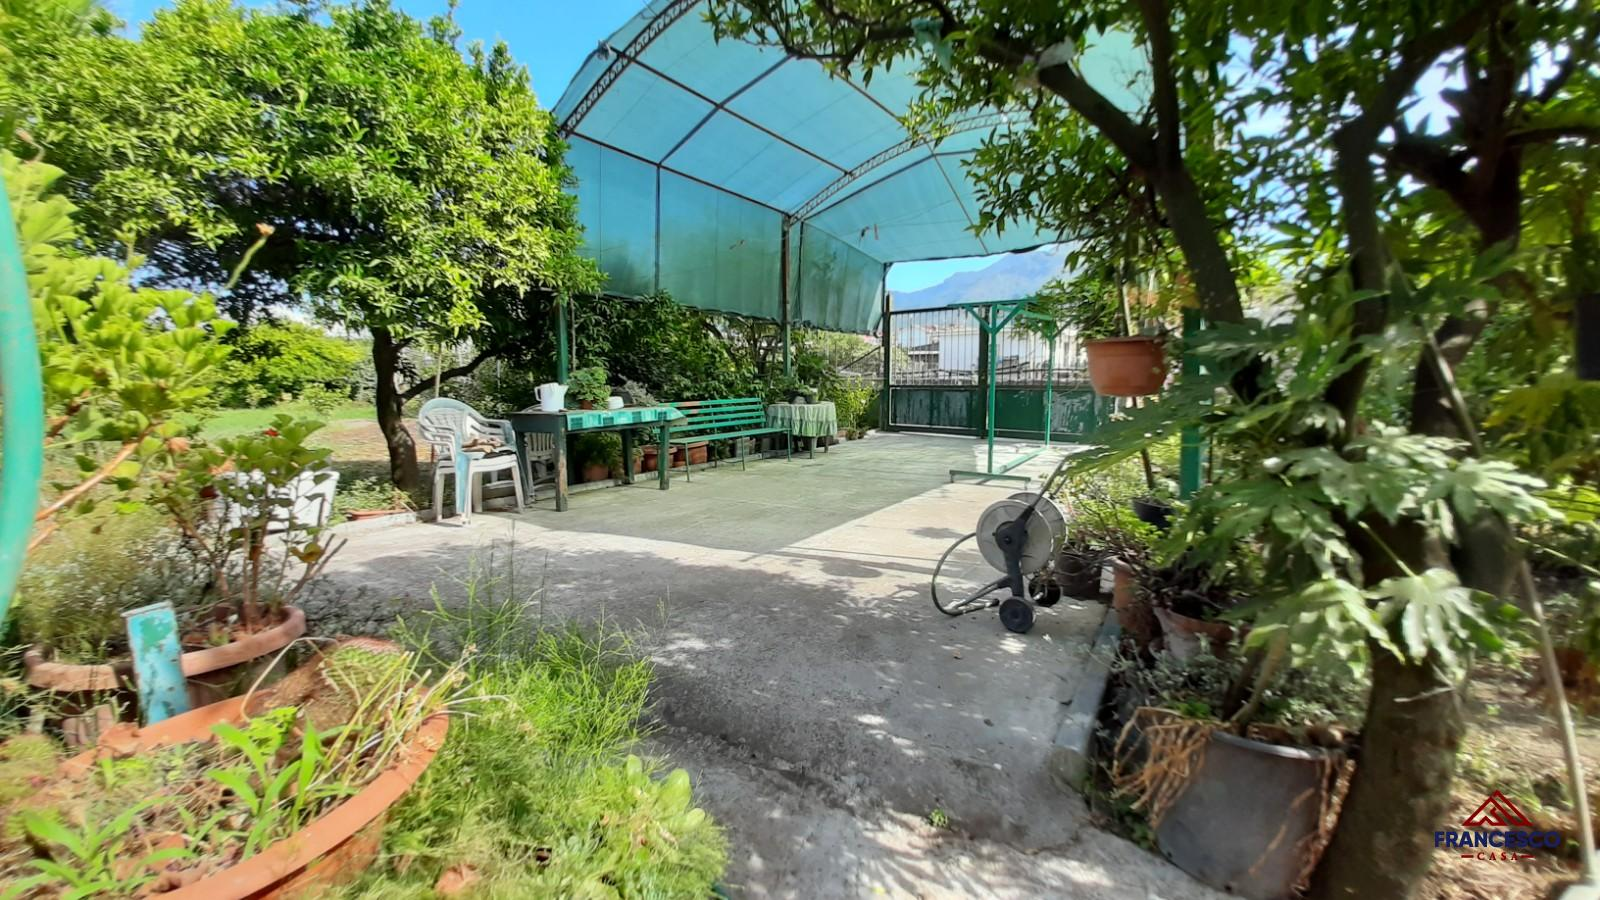 Appartamento con giardino in vendita ad Angri Via Pozzillo